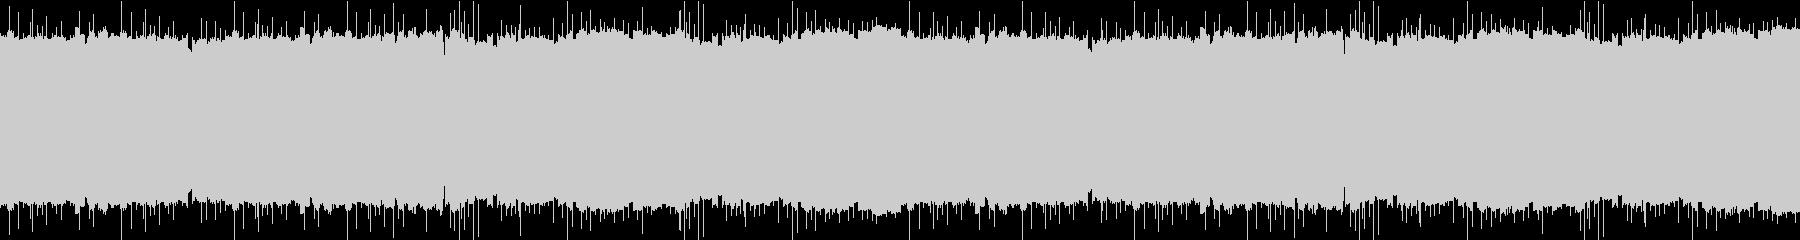 ファミコン音源 悲しい場面で使えるBGMの未再生の波形